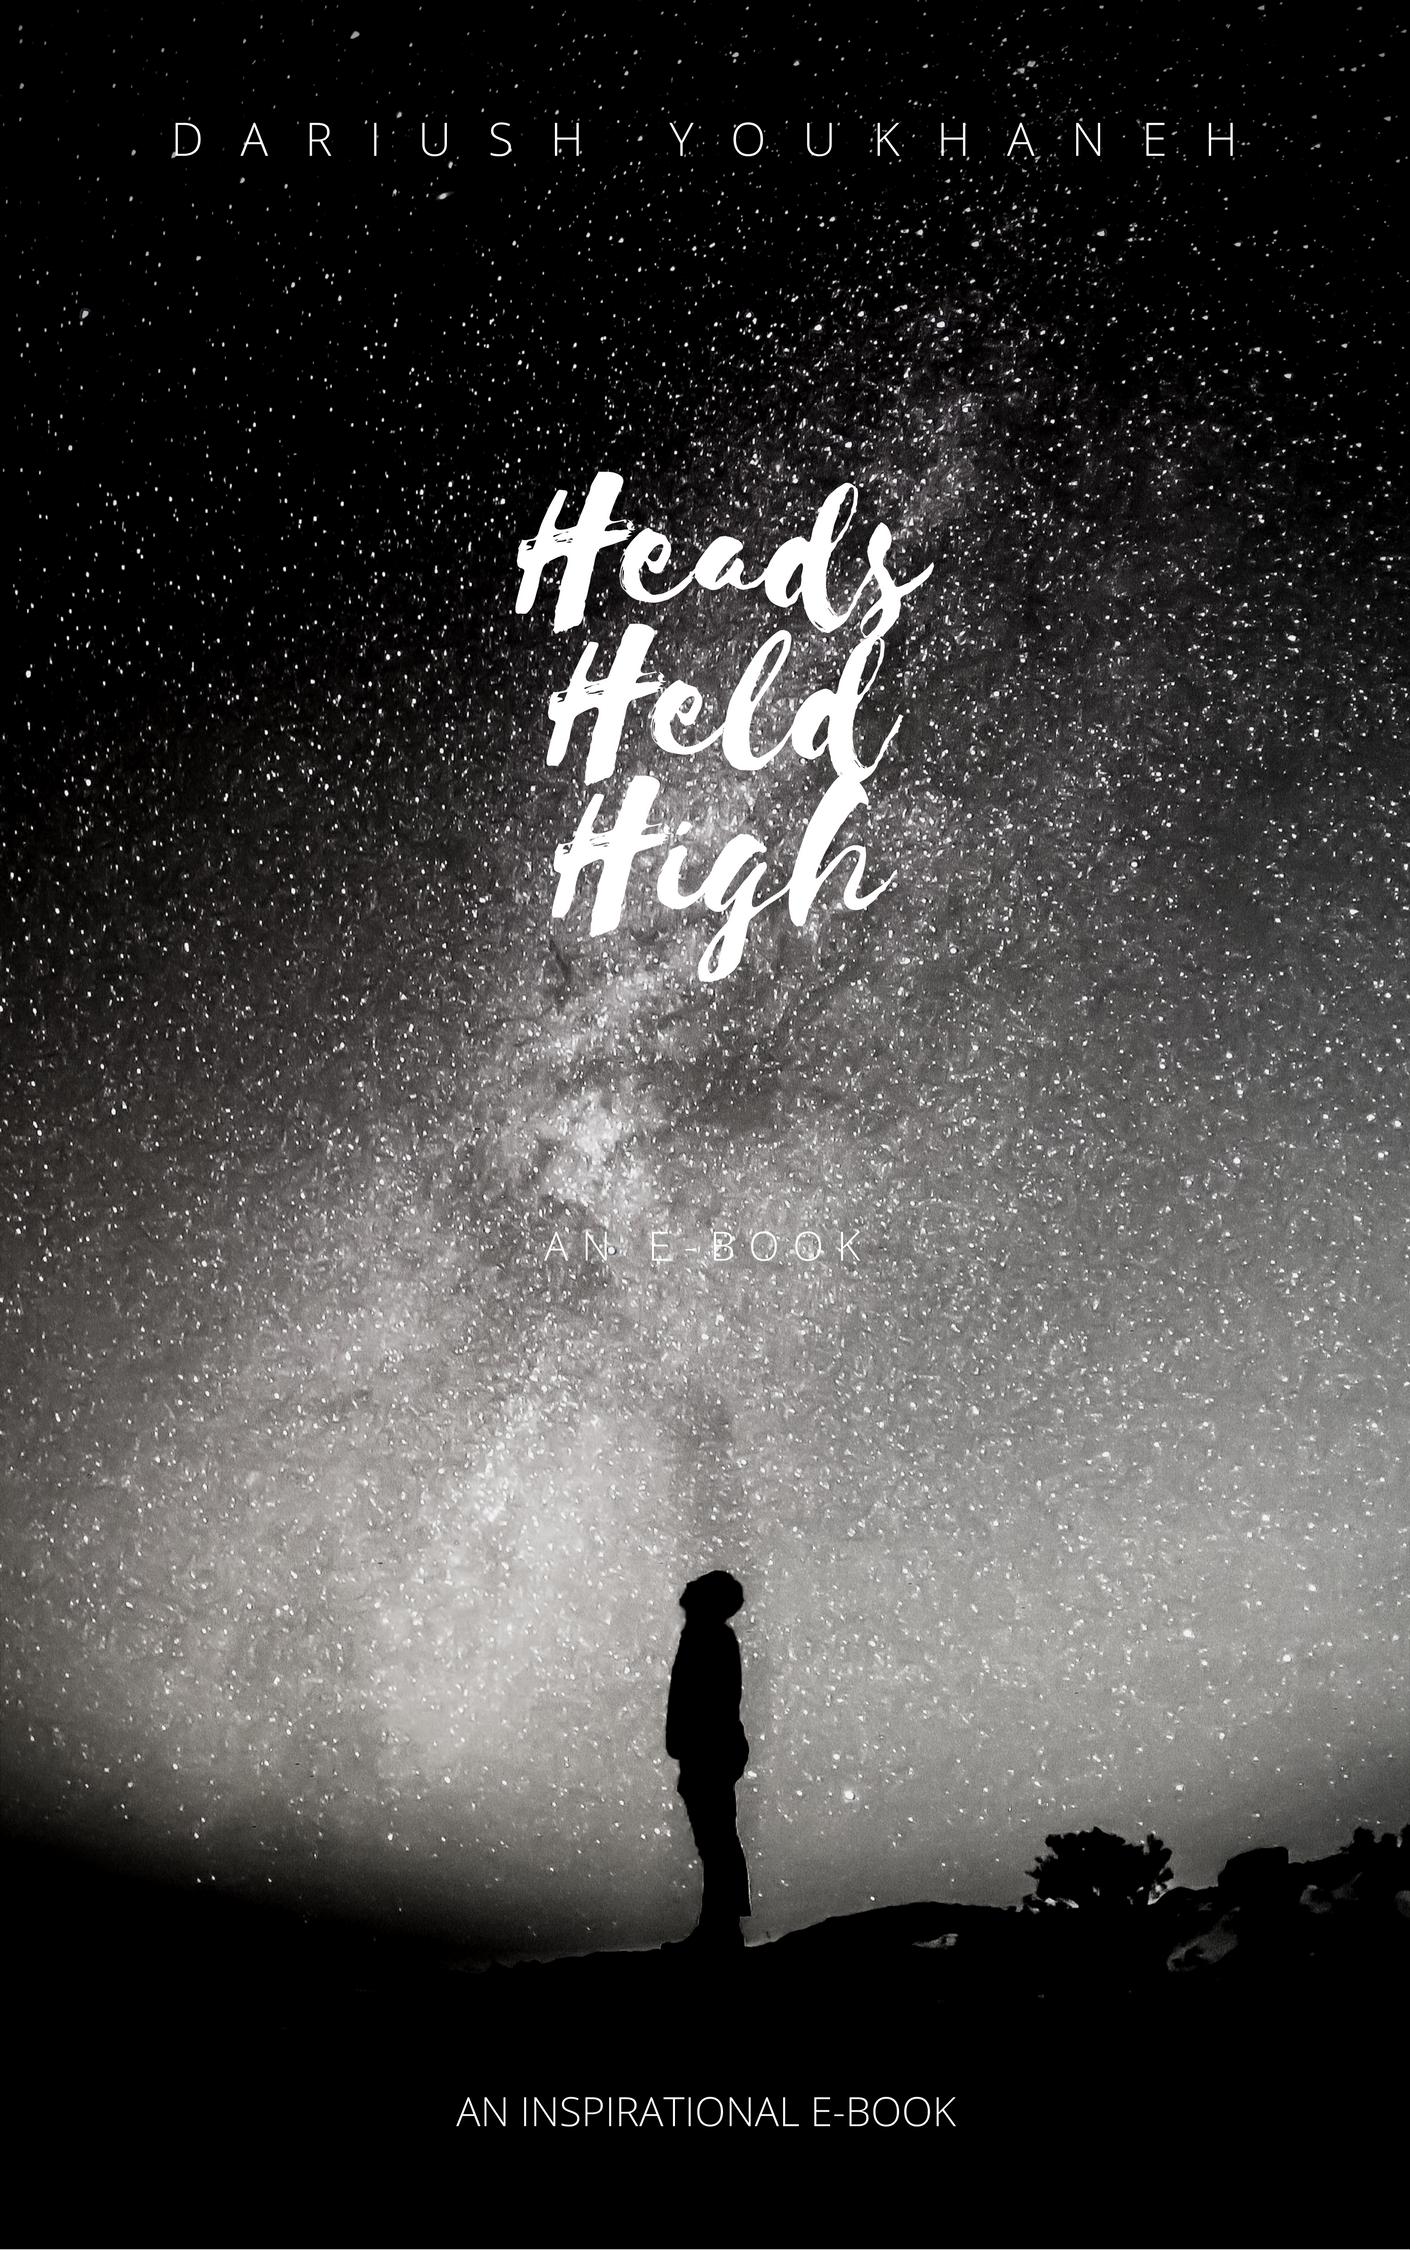 HeadsHeld High